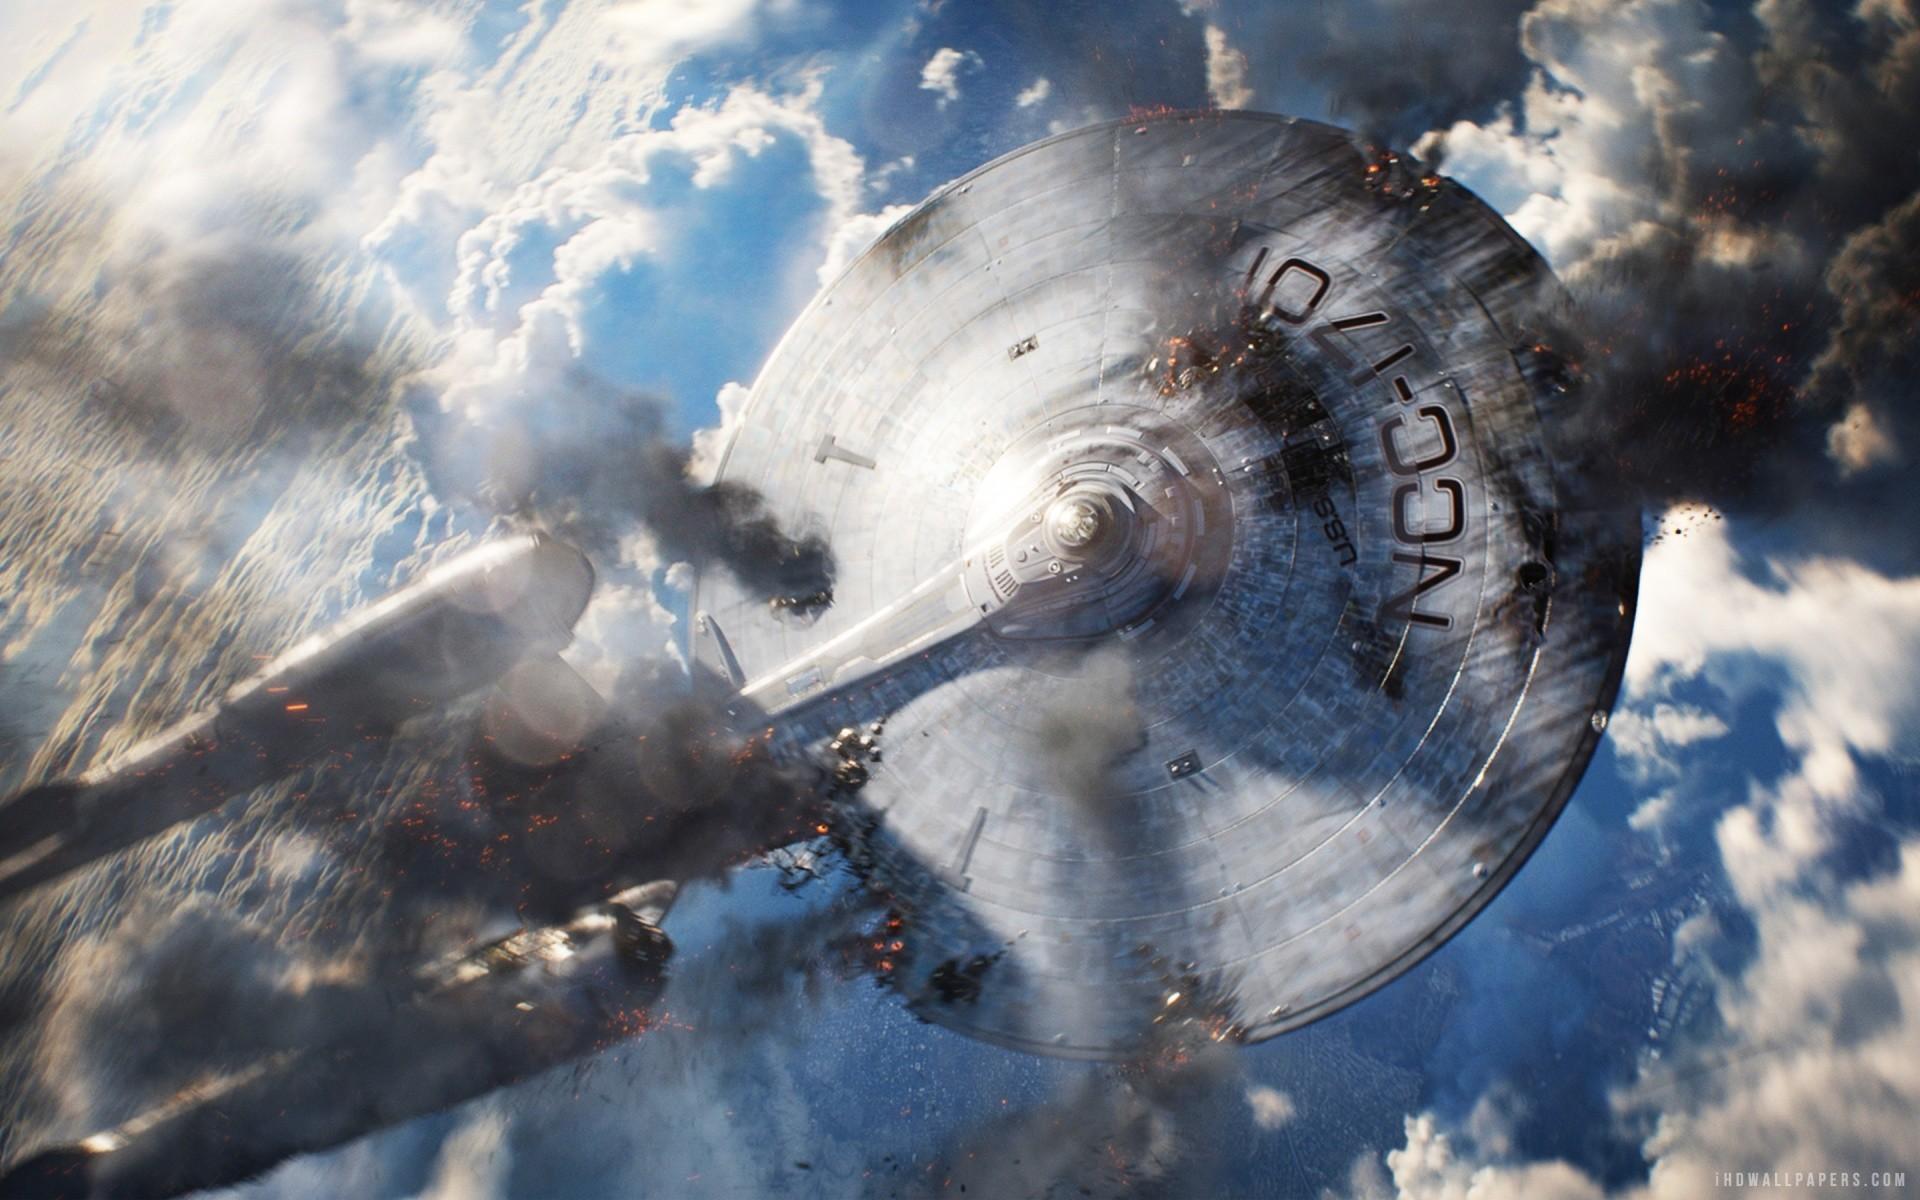 Star Trek Uss Enterprise Wallpaper 420108 0 Html Code - Uss Enterprise Star Trek Wallpaper Hd - HD Wallpaper